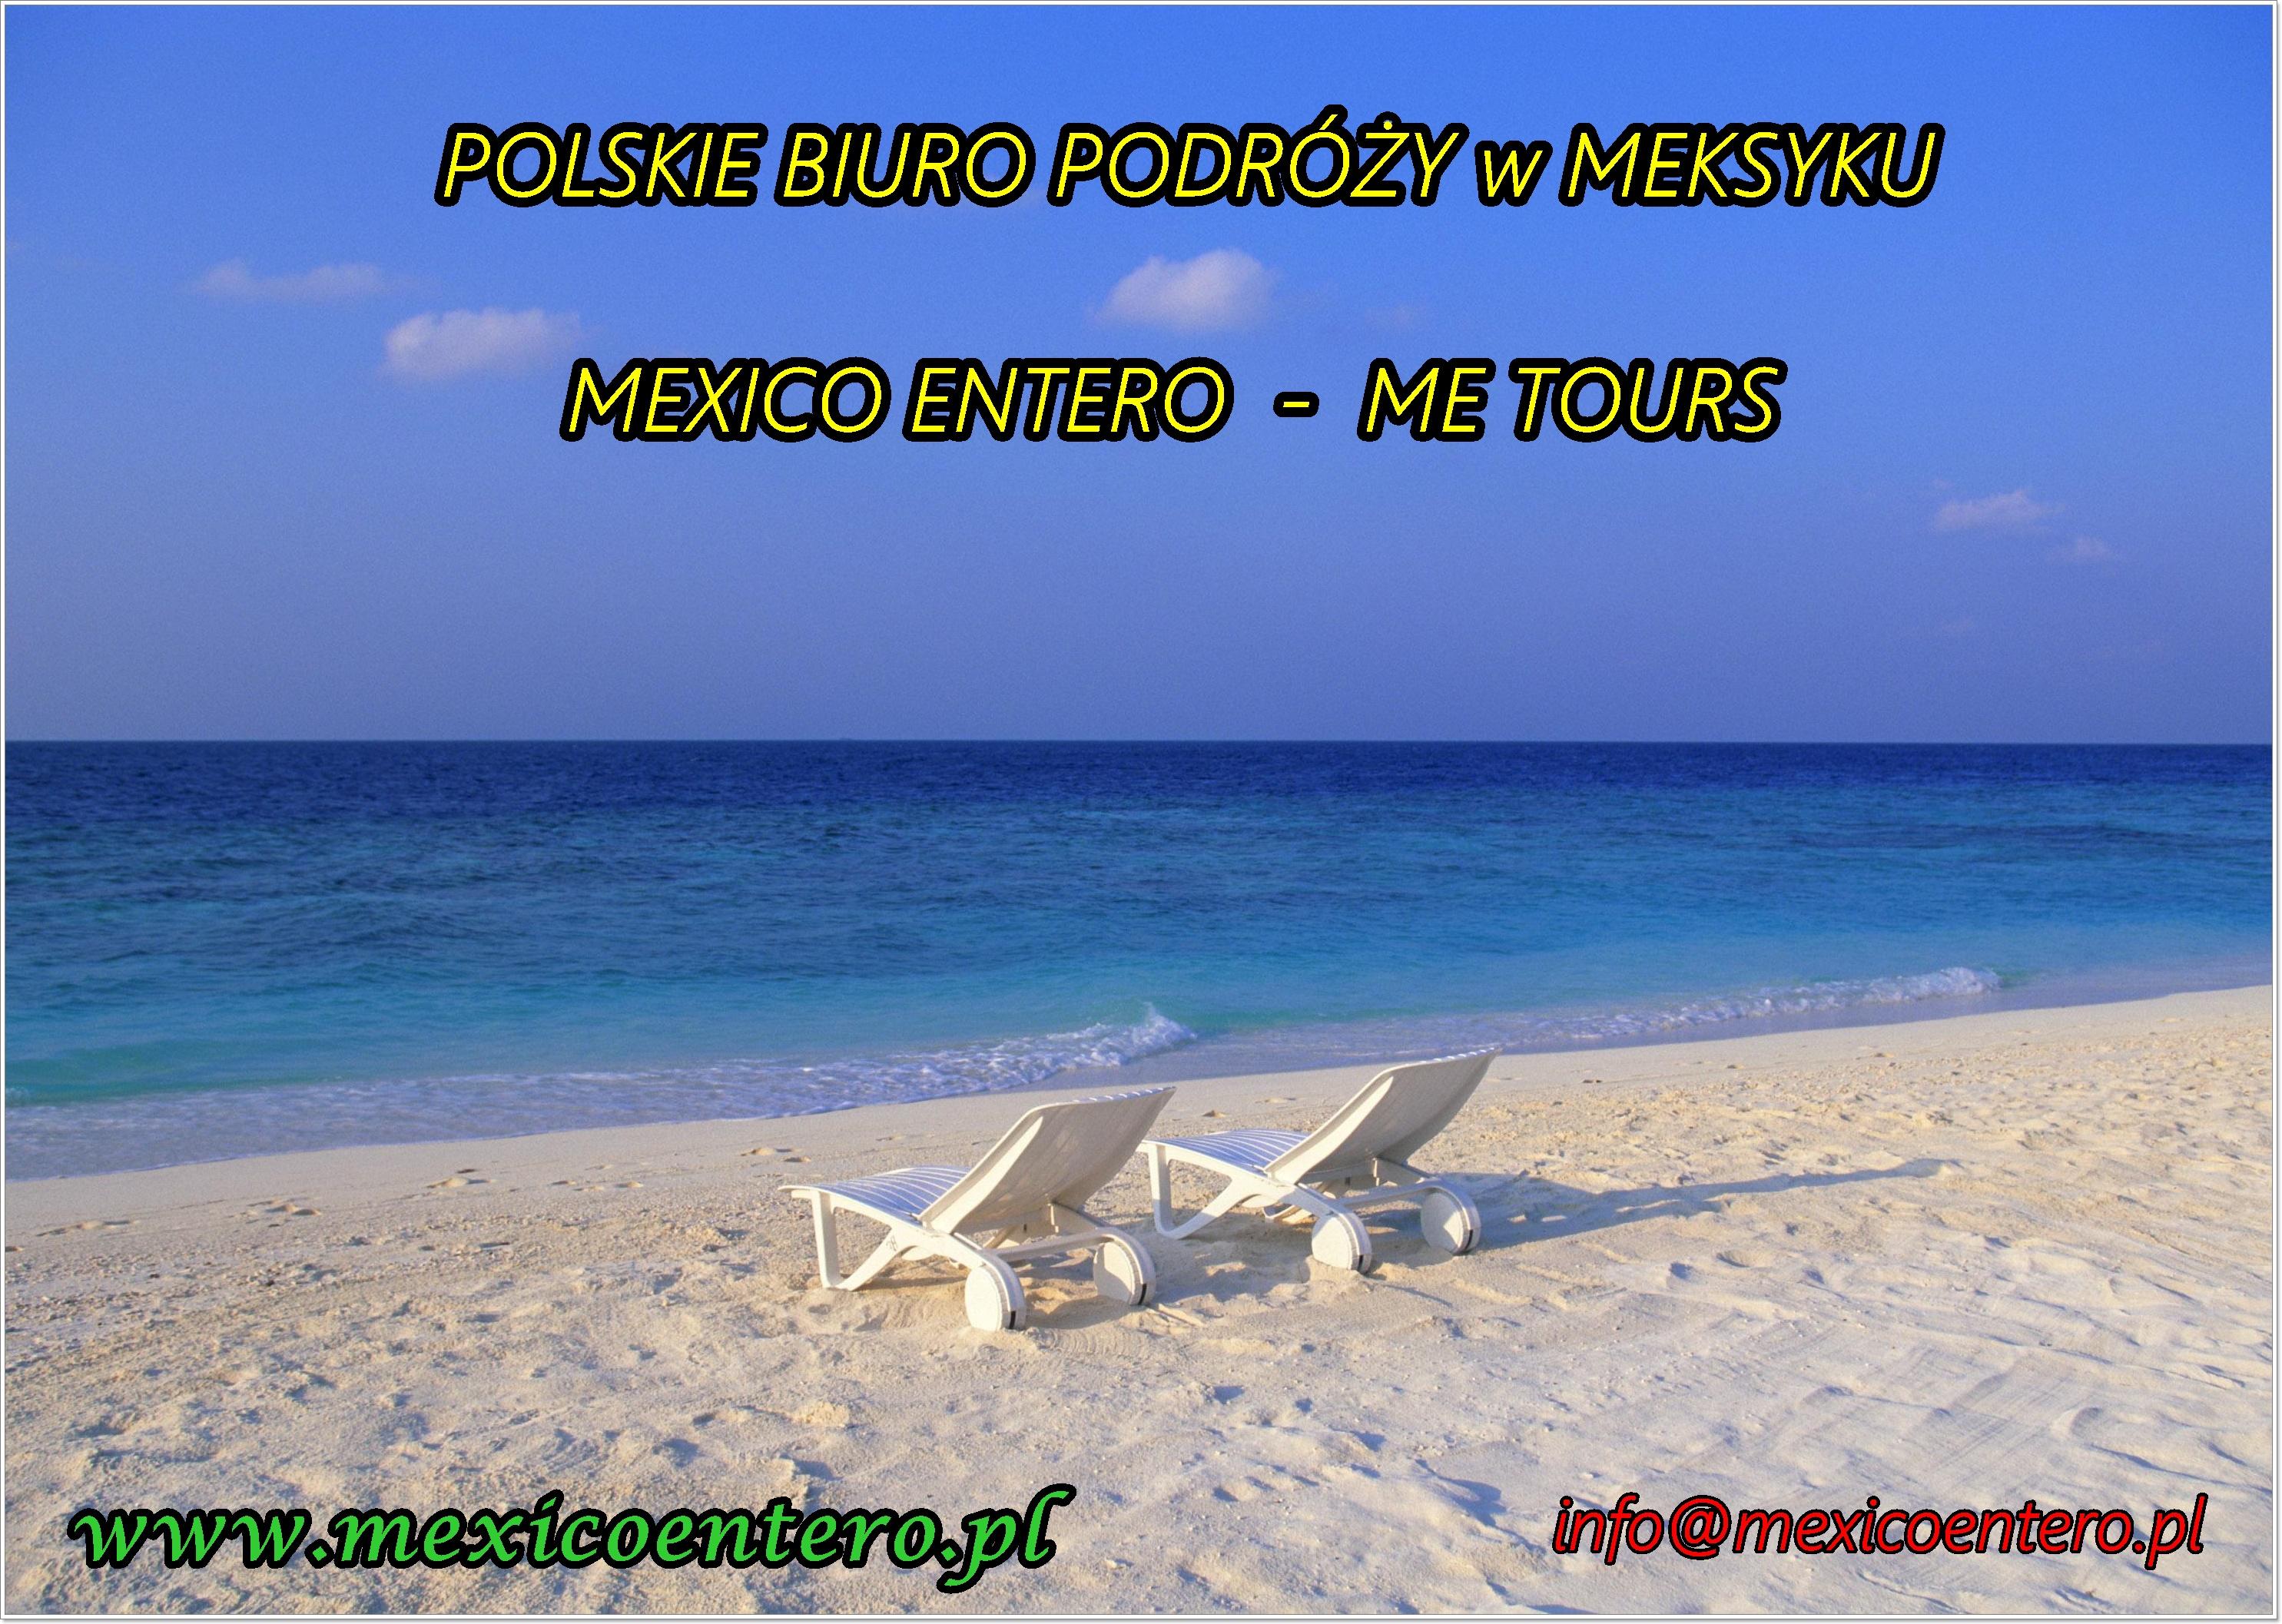 Polskie Biuro Podróży w Meksyku, Cancun i Playa del Carmen